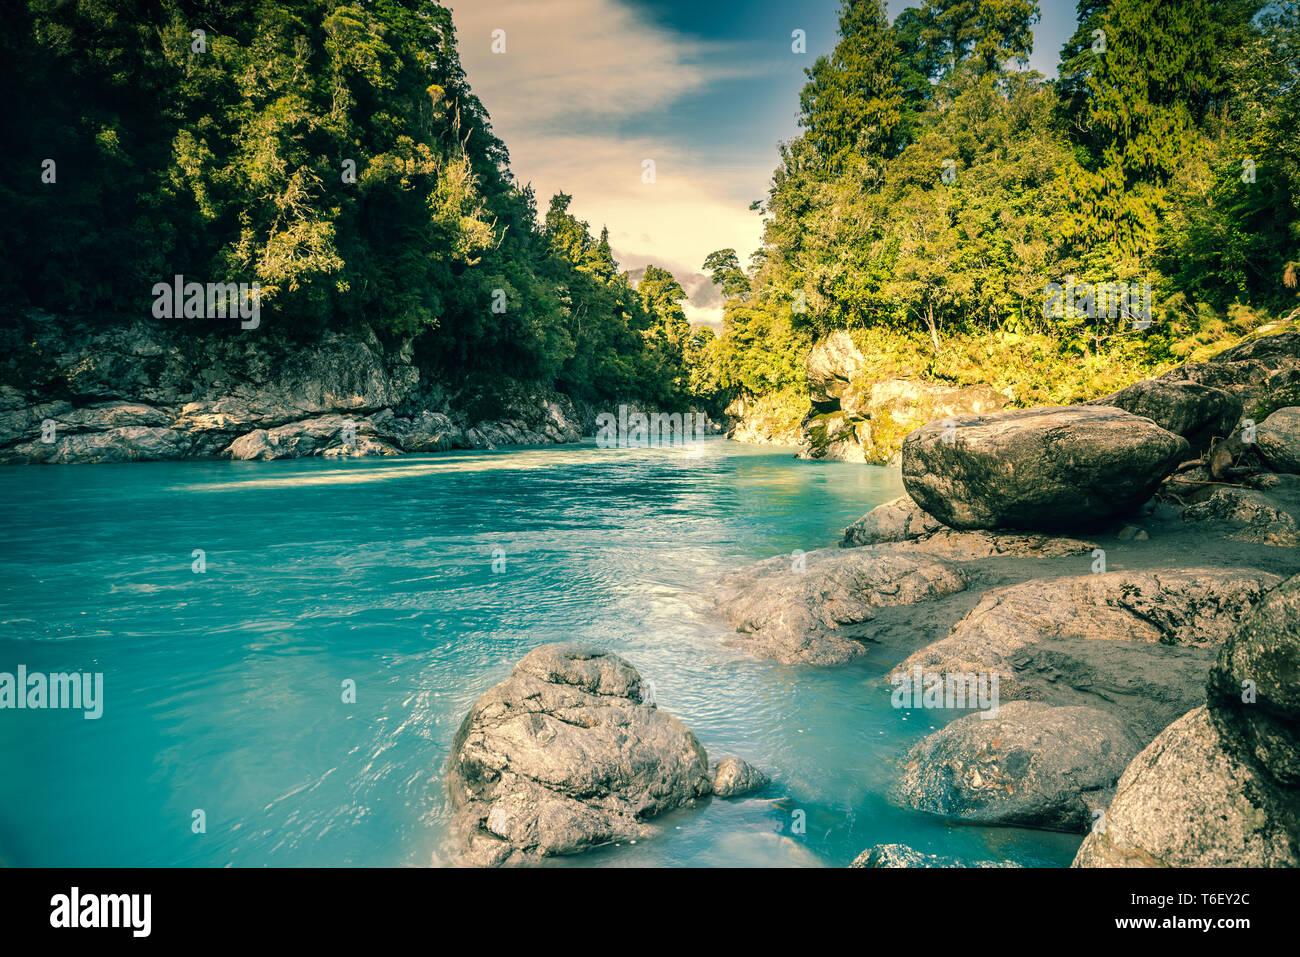 Hikotika Gorge, île du Sud, Nouvelle-Zélande Banque D'Images